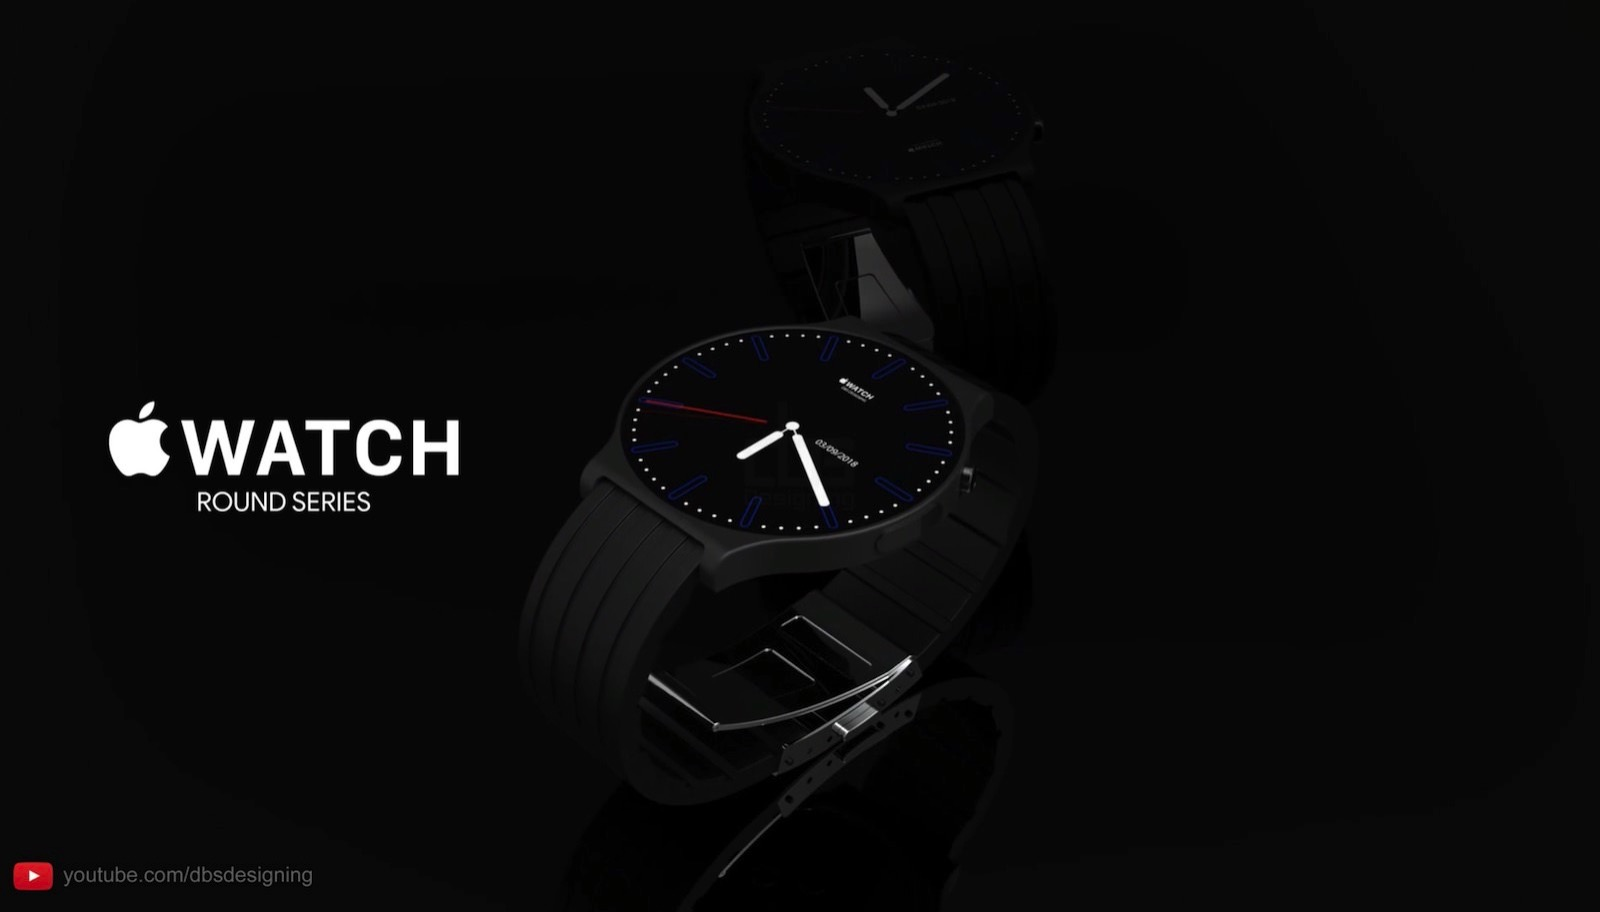 Apple Watch Round Series Concept